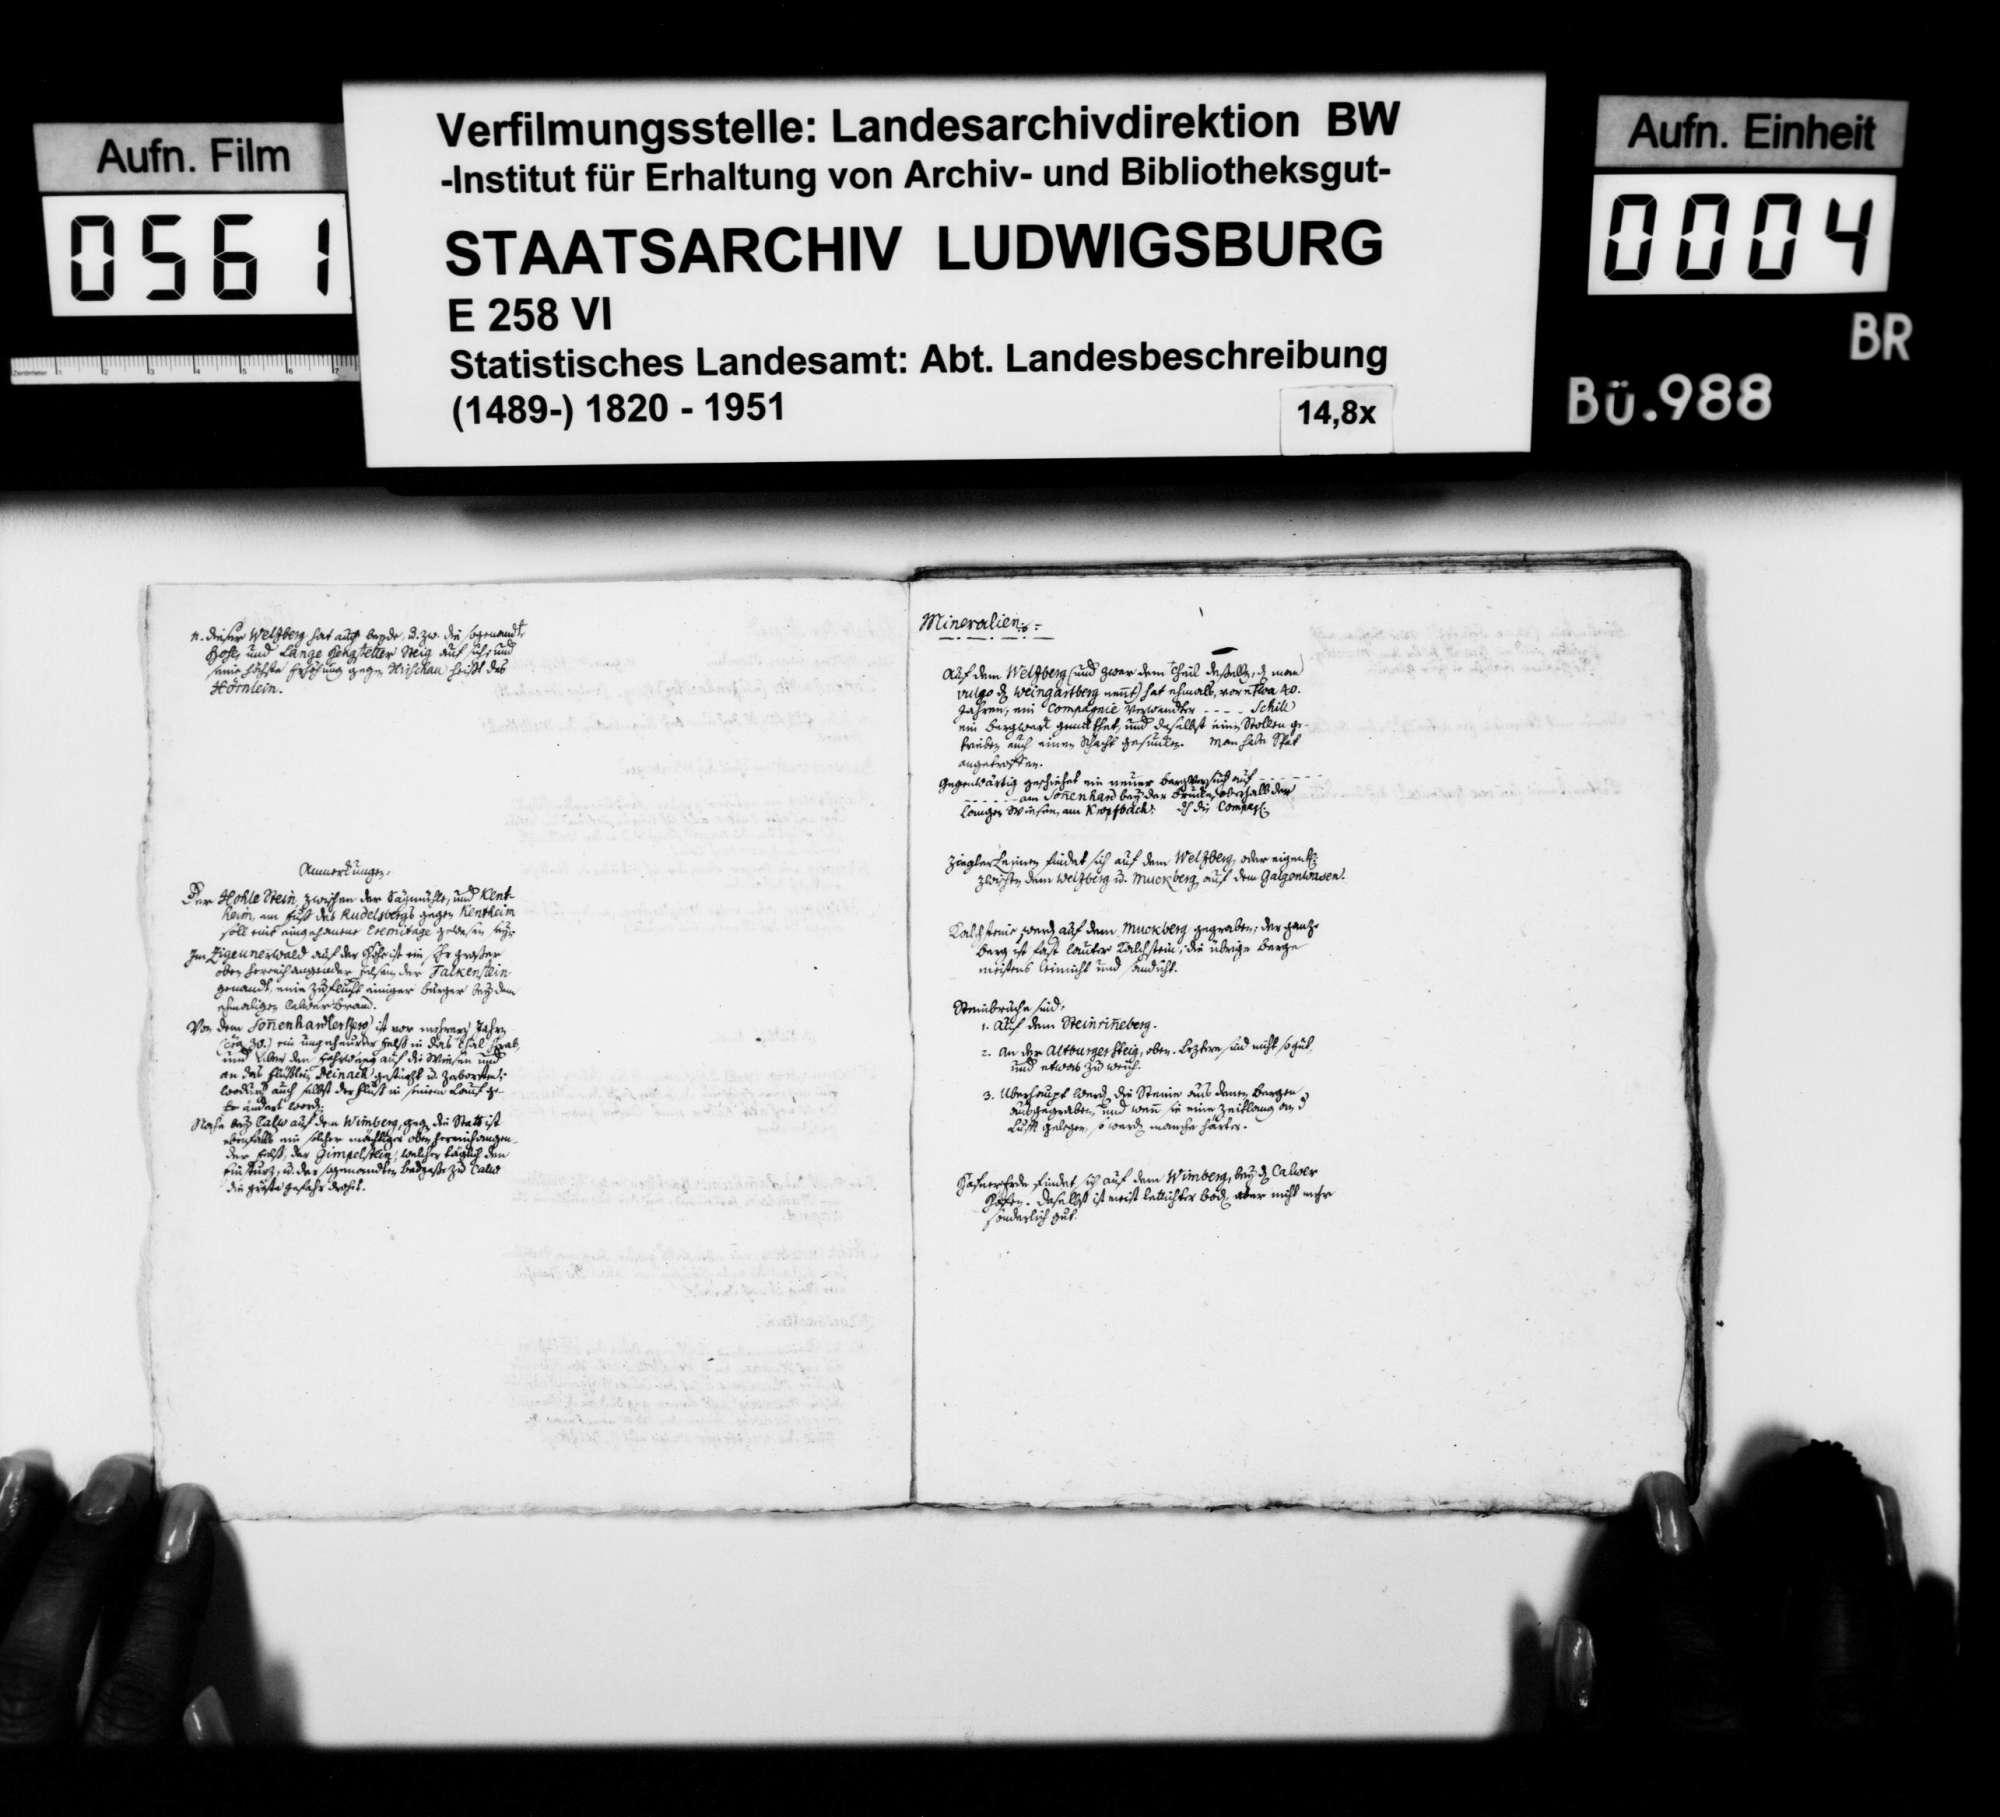 Forschungsergebnisse [des Stuttgarter Gymnasialprofessors Gottlieb Friedrich] Rösler zur Naturgeschichte der Gebiete um Zwerenberg, Breitenberg, Neuweiler, Zavelstein, Teinach, Stammheim, Calw, Hirsau und Liebenzell, Bild 3